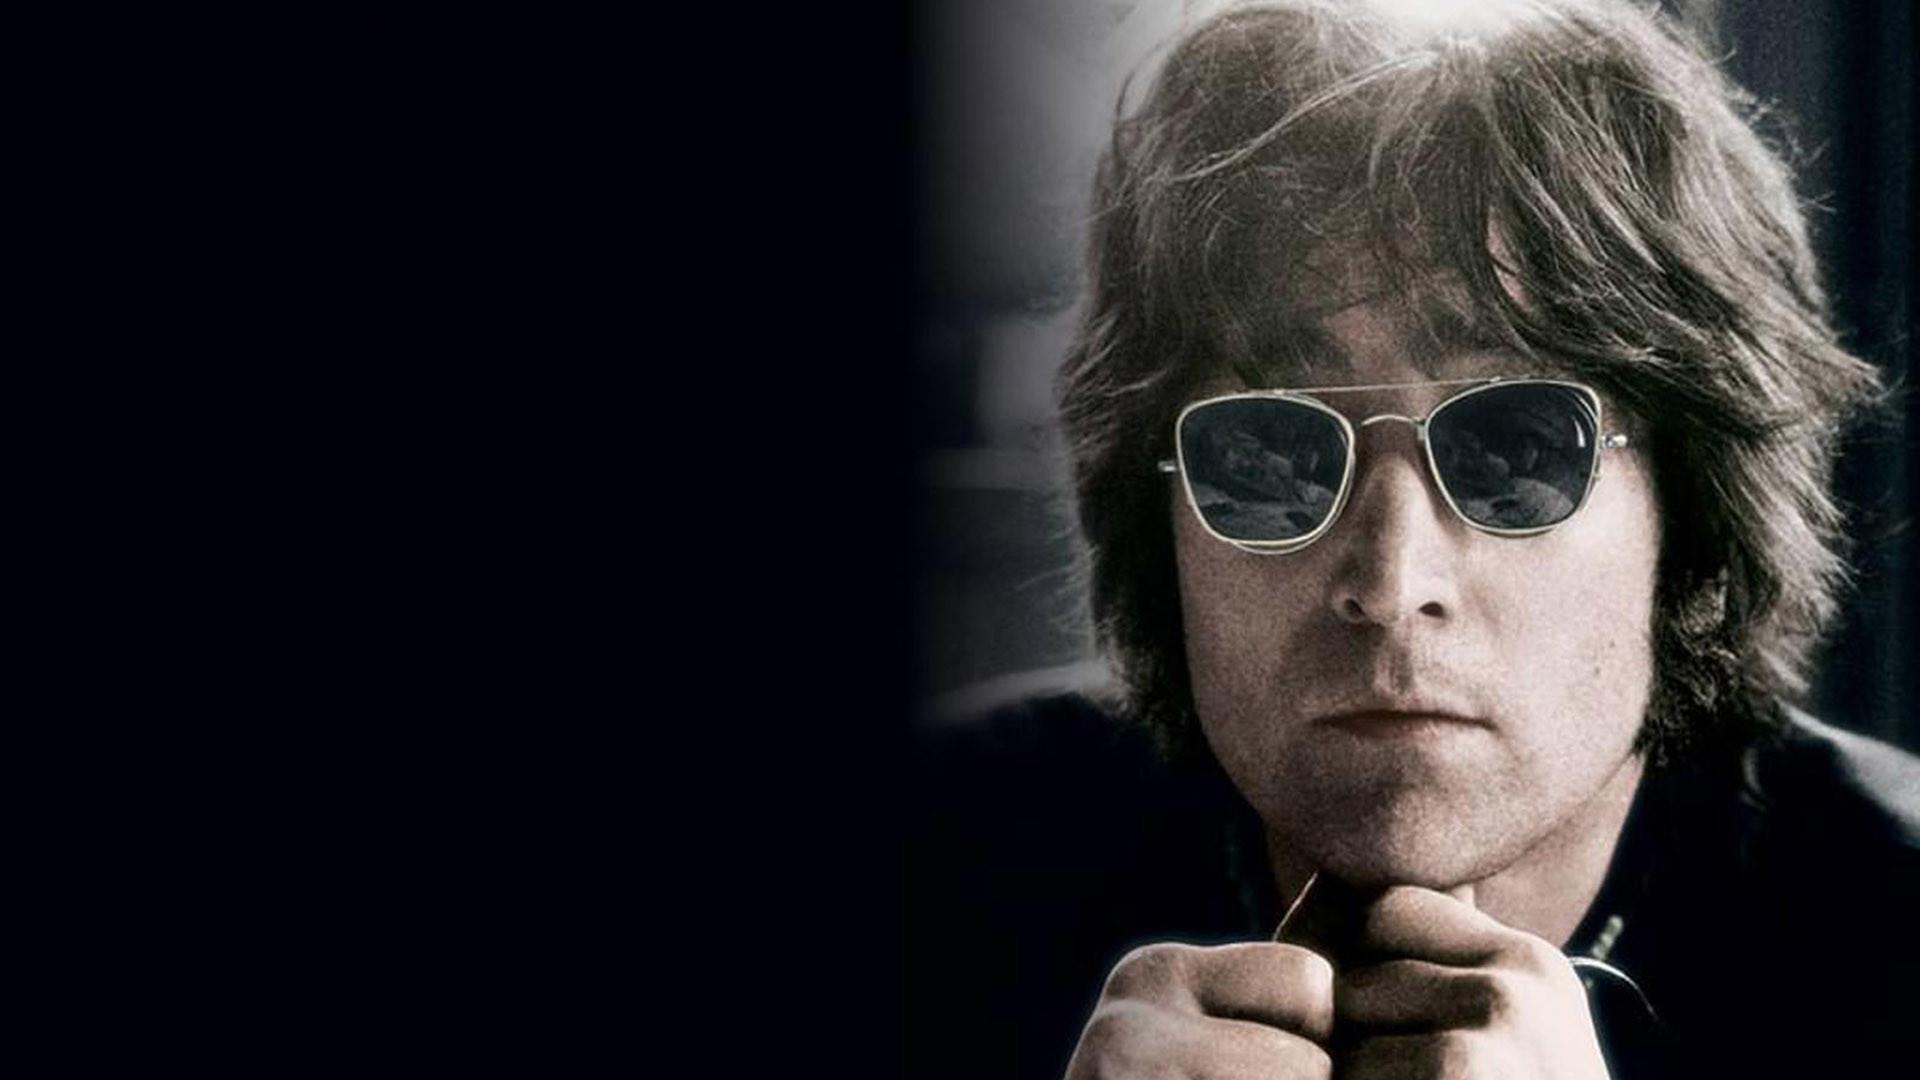 John Lennon Desktop Wallpapers, Wallpapers .